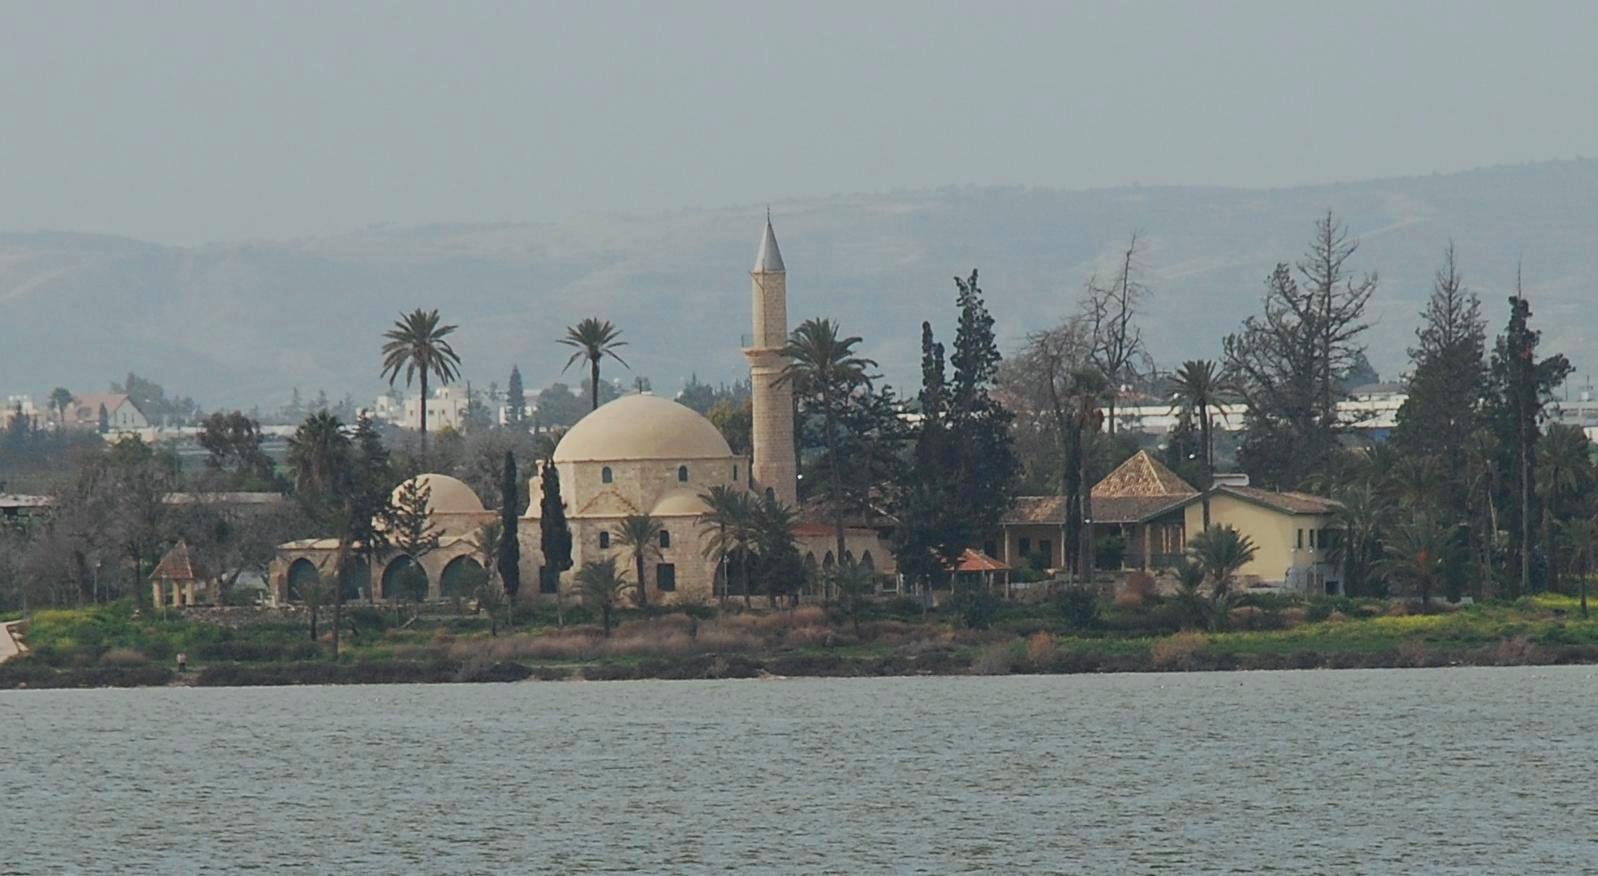 Hala Sultan Tekke, Cyprus